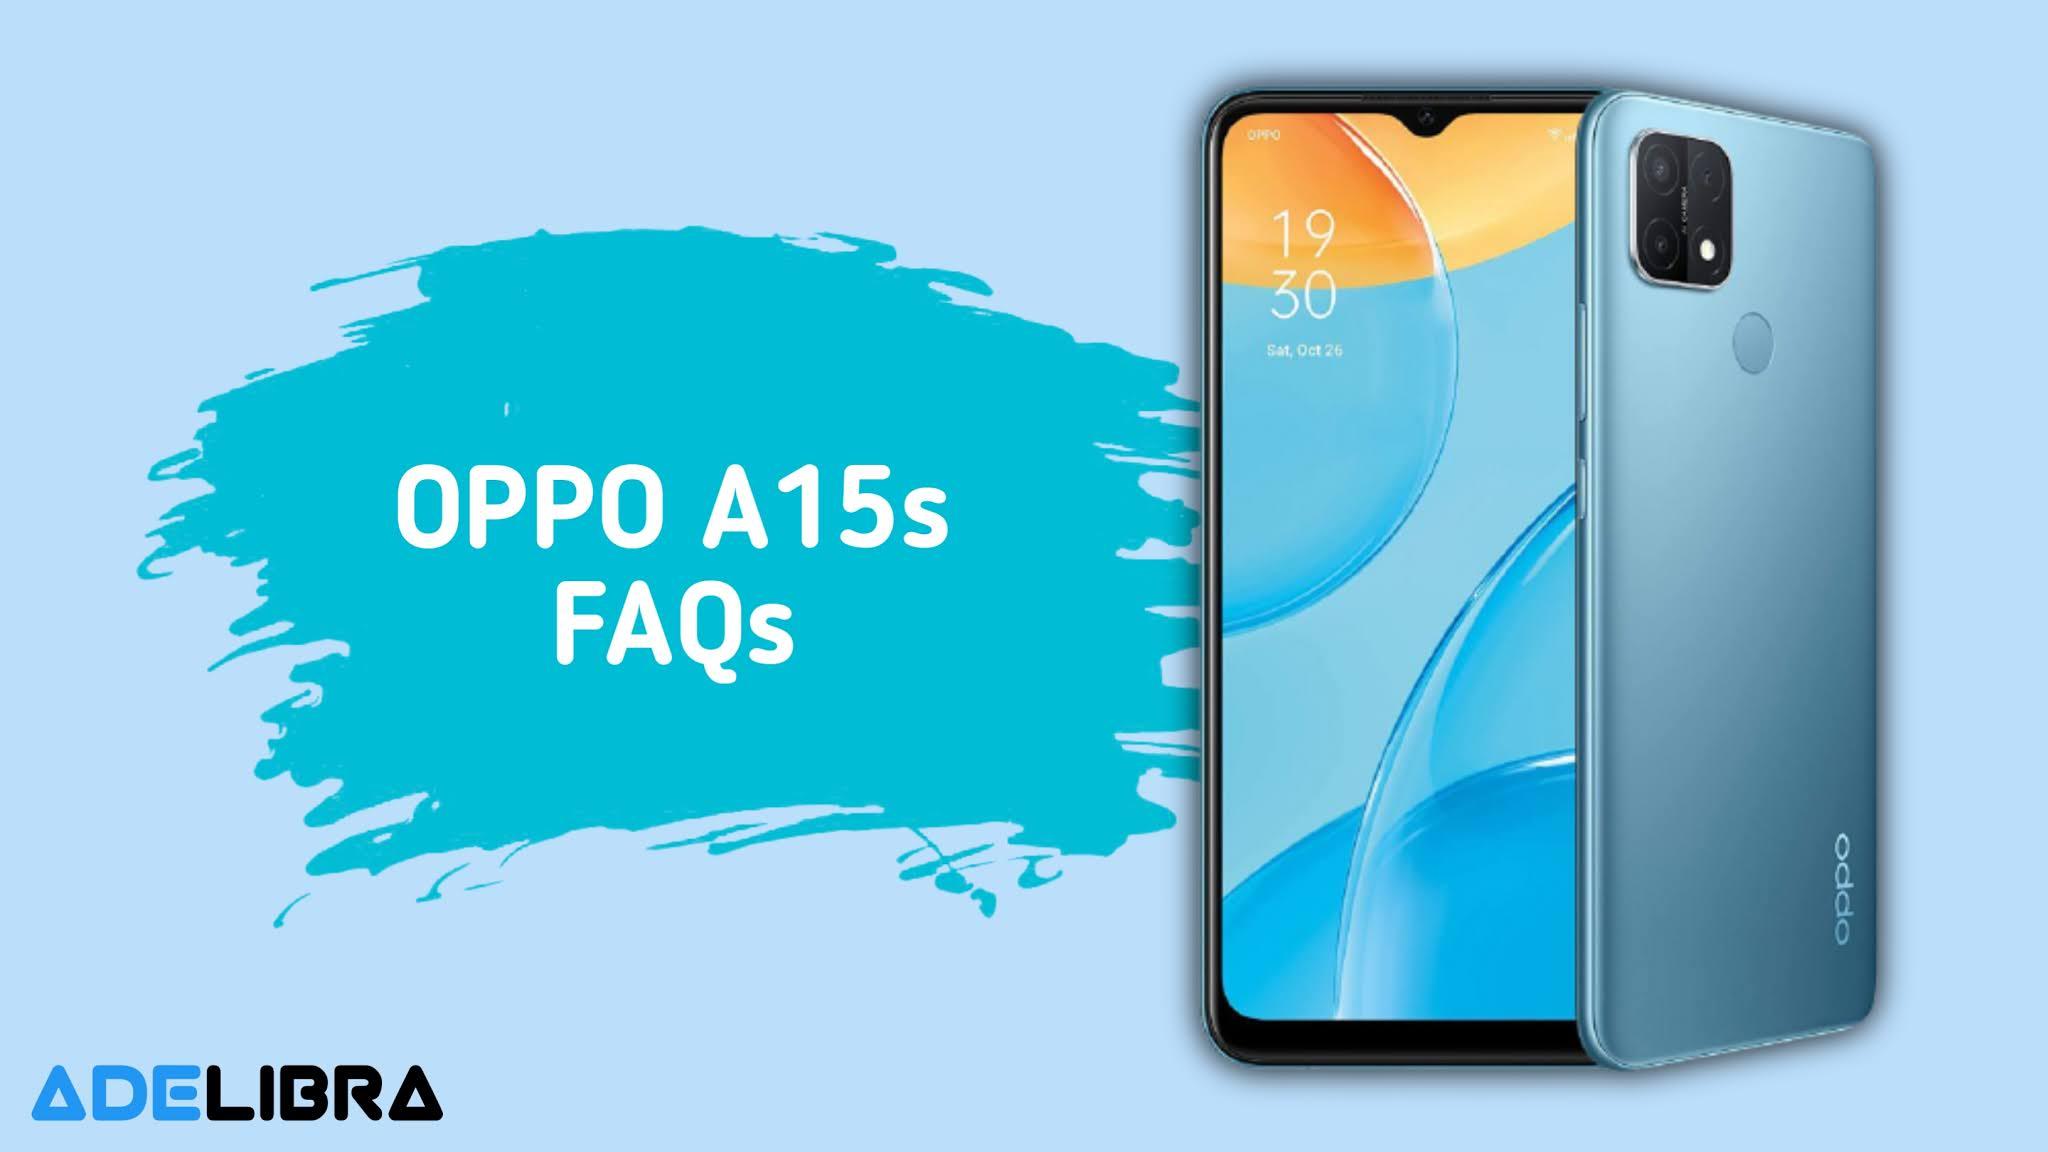 Oppo A15s FAQs